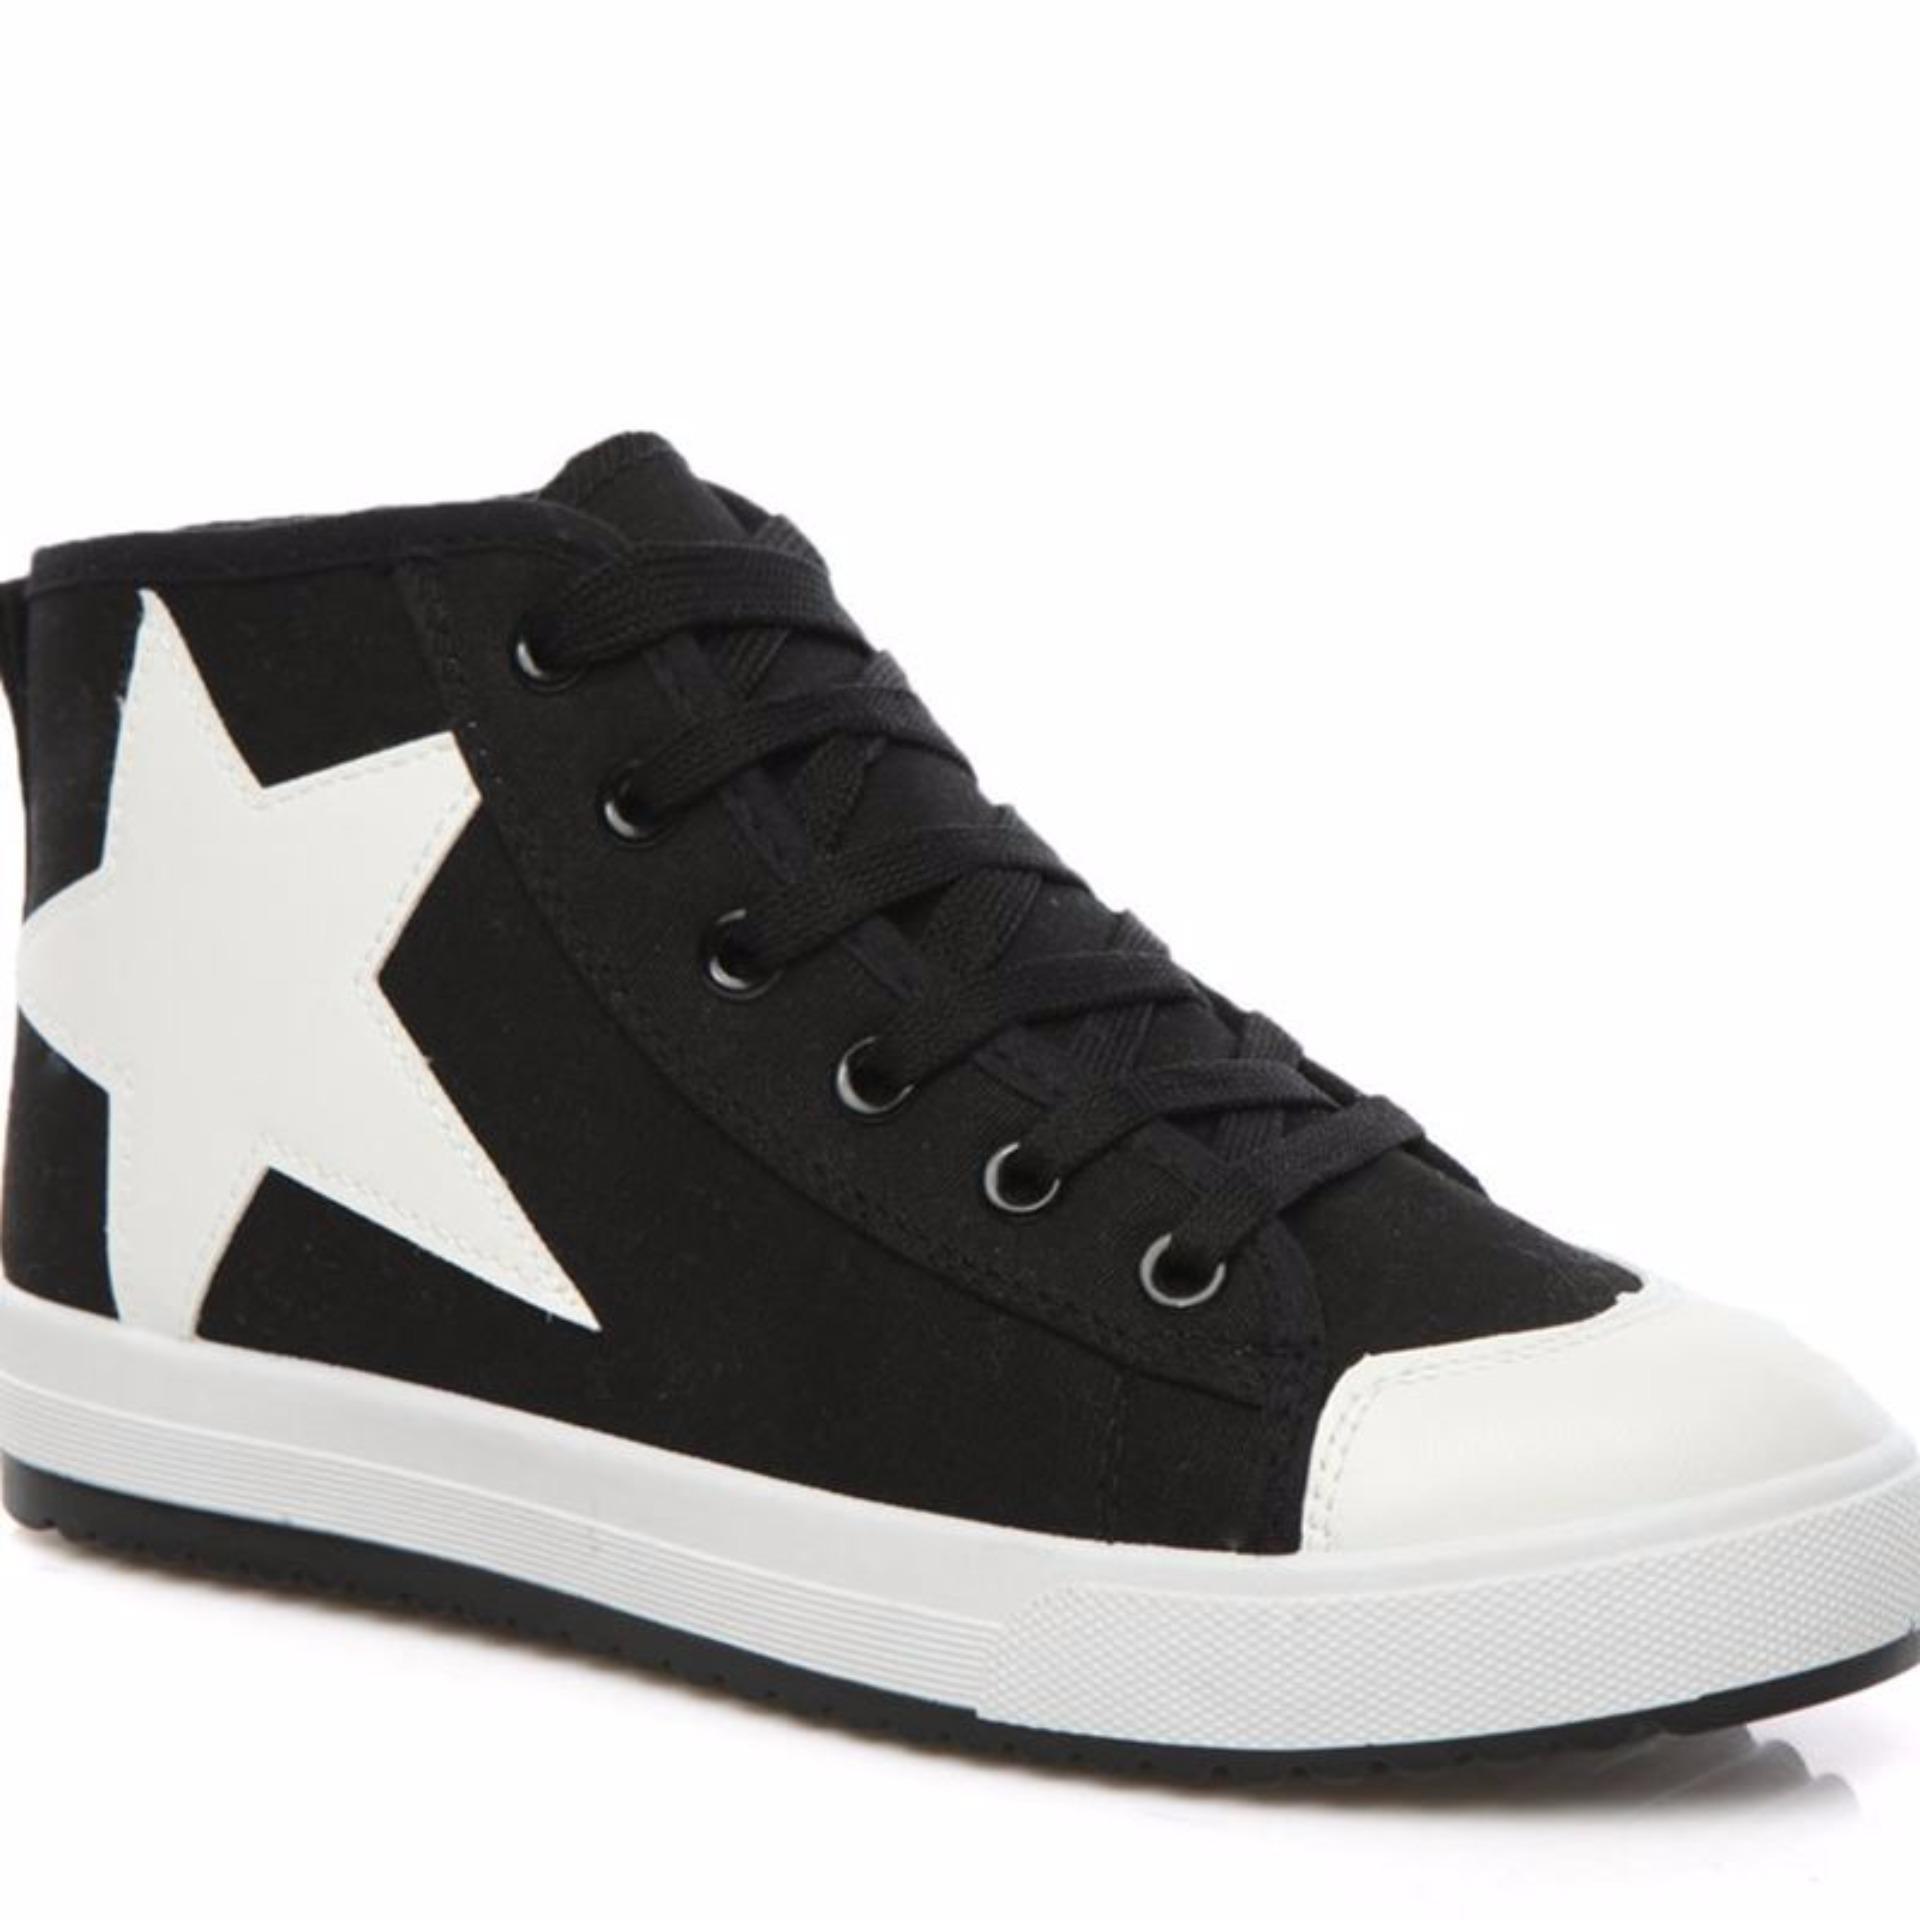 Chiết Khấu Giày Sneaker Thời Trang Nữ Erosska Gn007 Đen Zapas